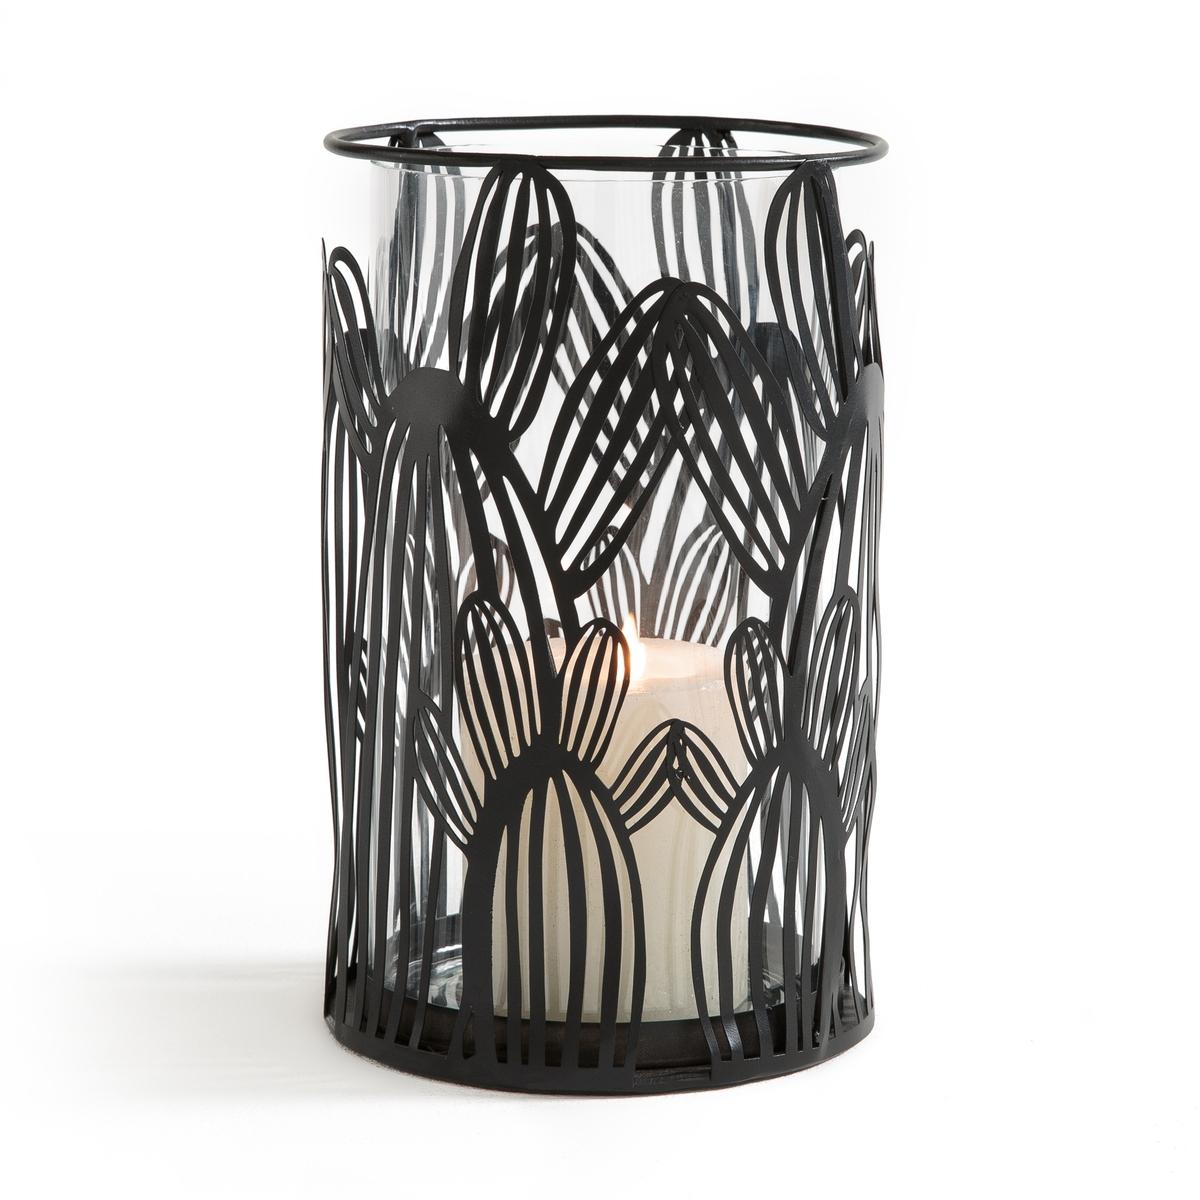 Lanterna cactus in vetro e metallo, DORIO